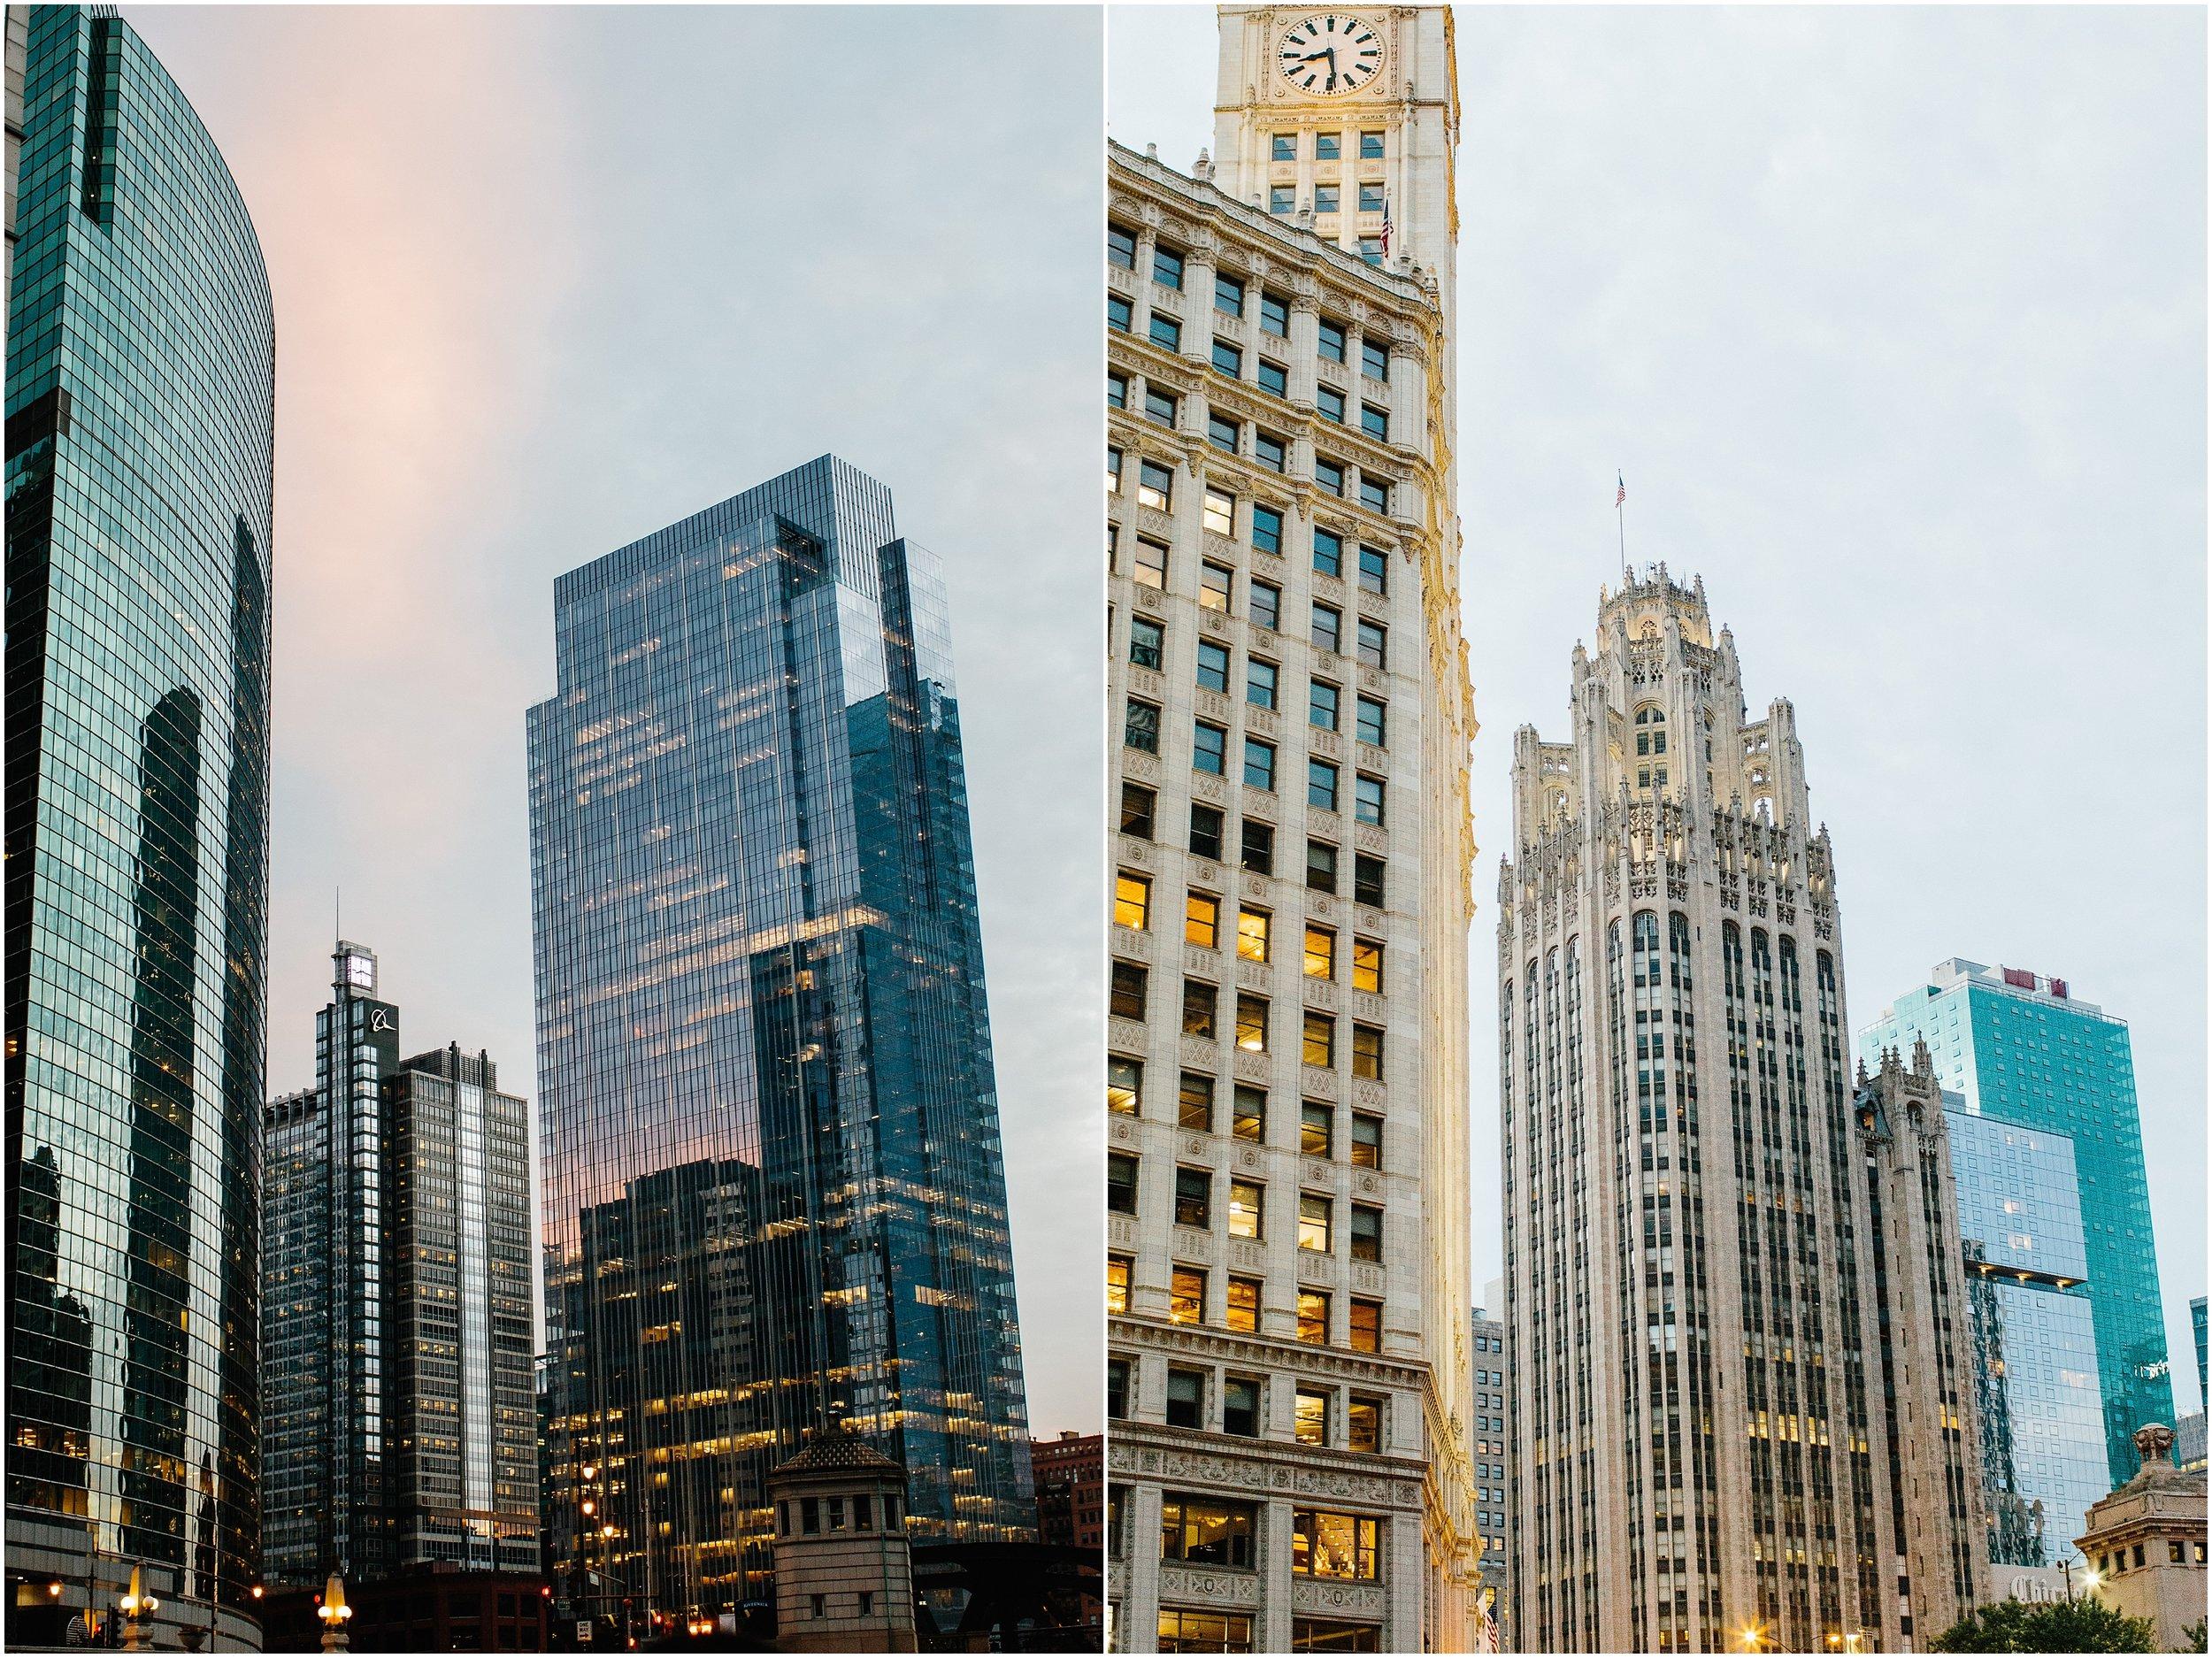 chicago_travel_guide_0520.jpg